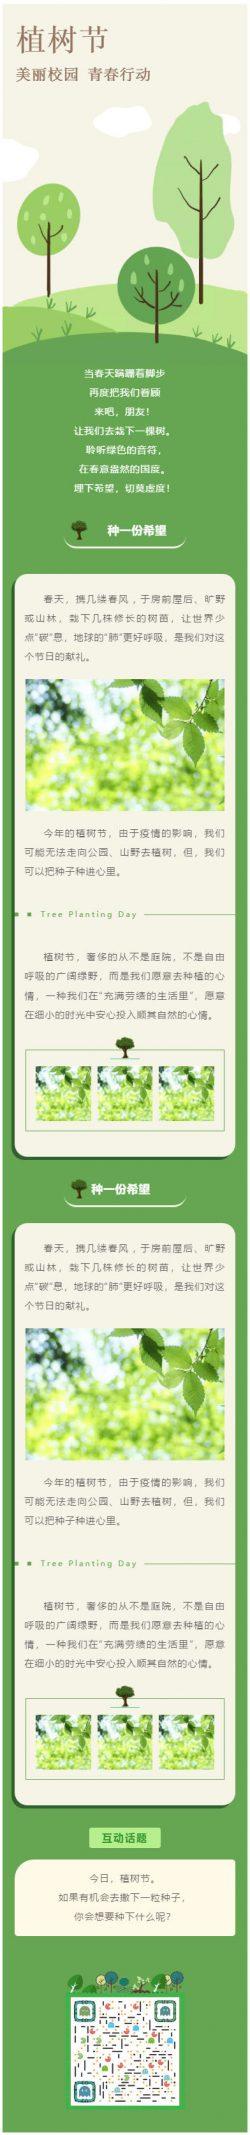 微信植树节模板公众号推送图文推文模板绿色风格